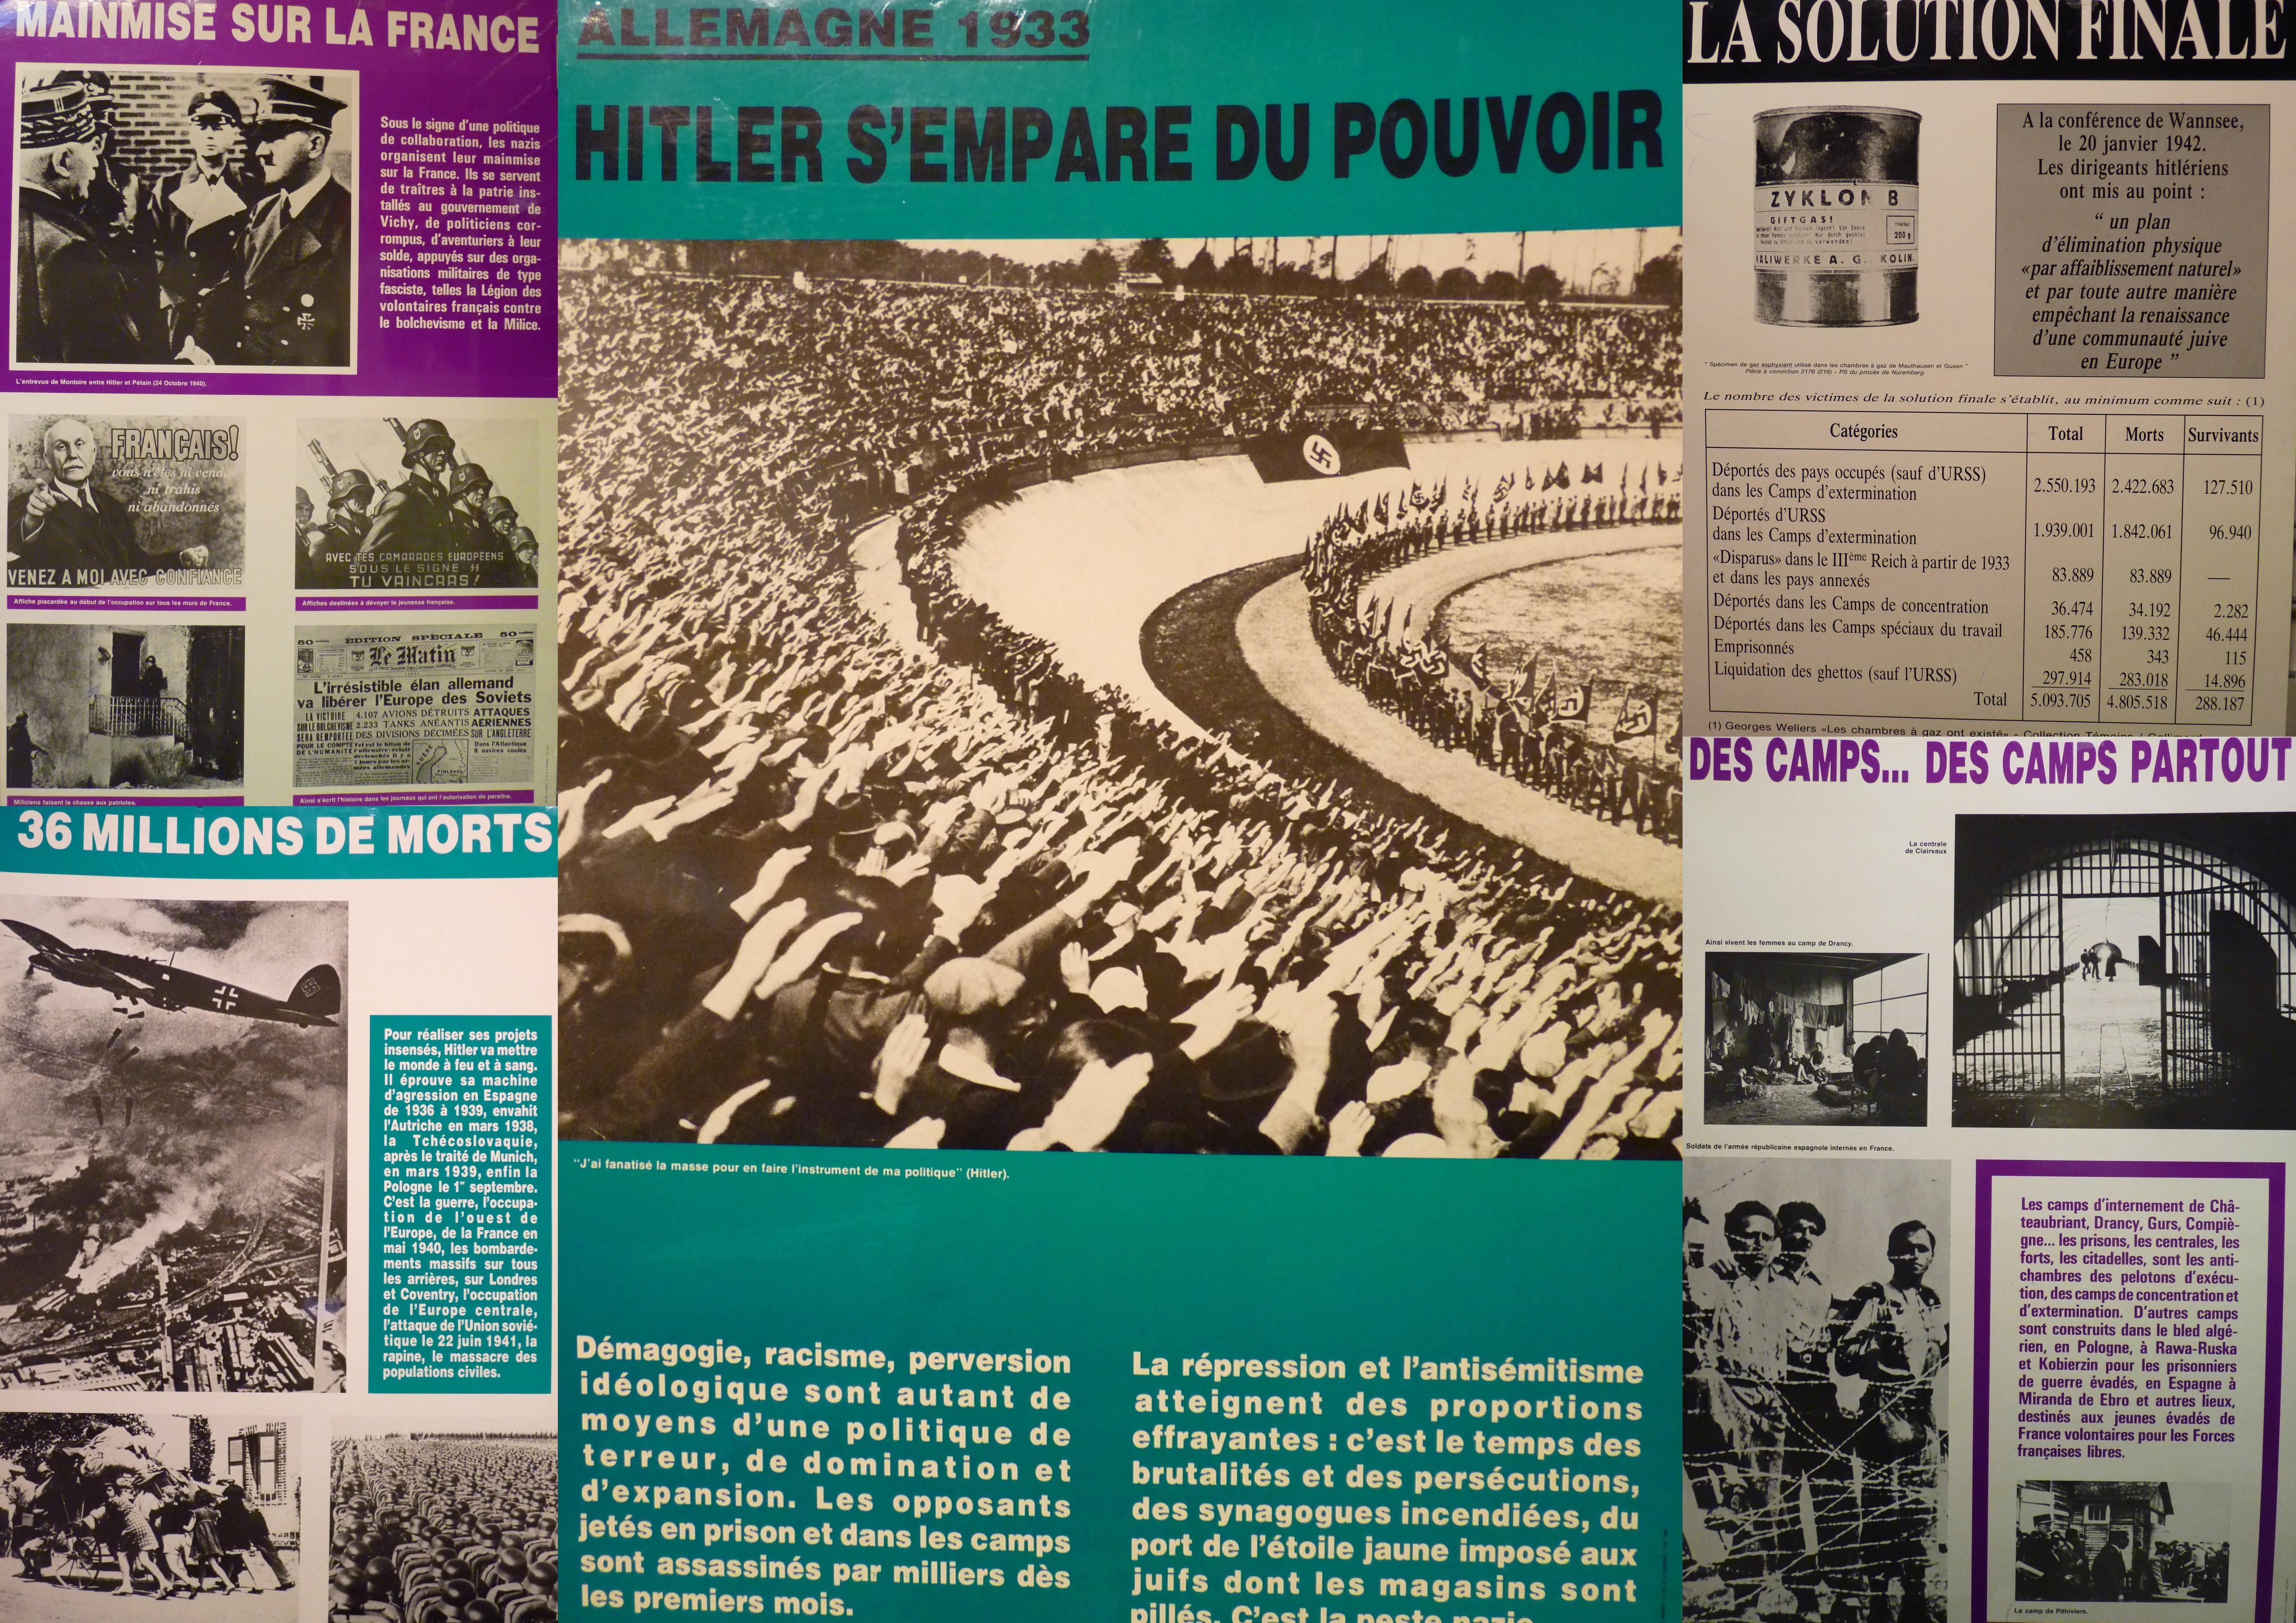 La déportation dans les camps nazis1